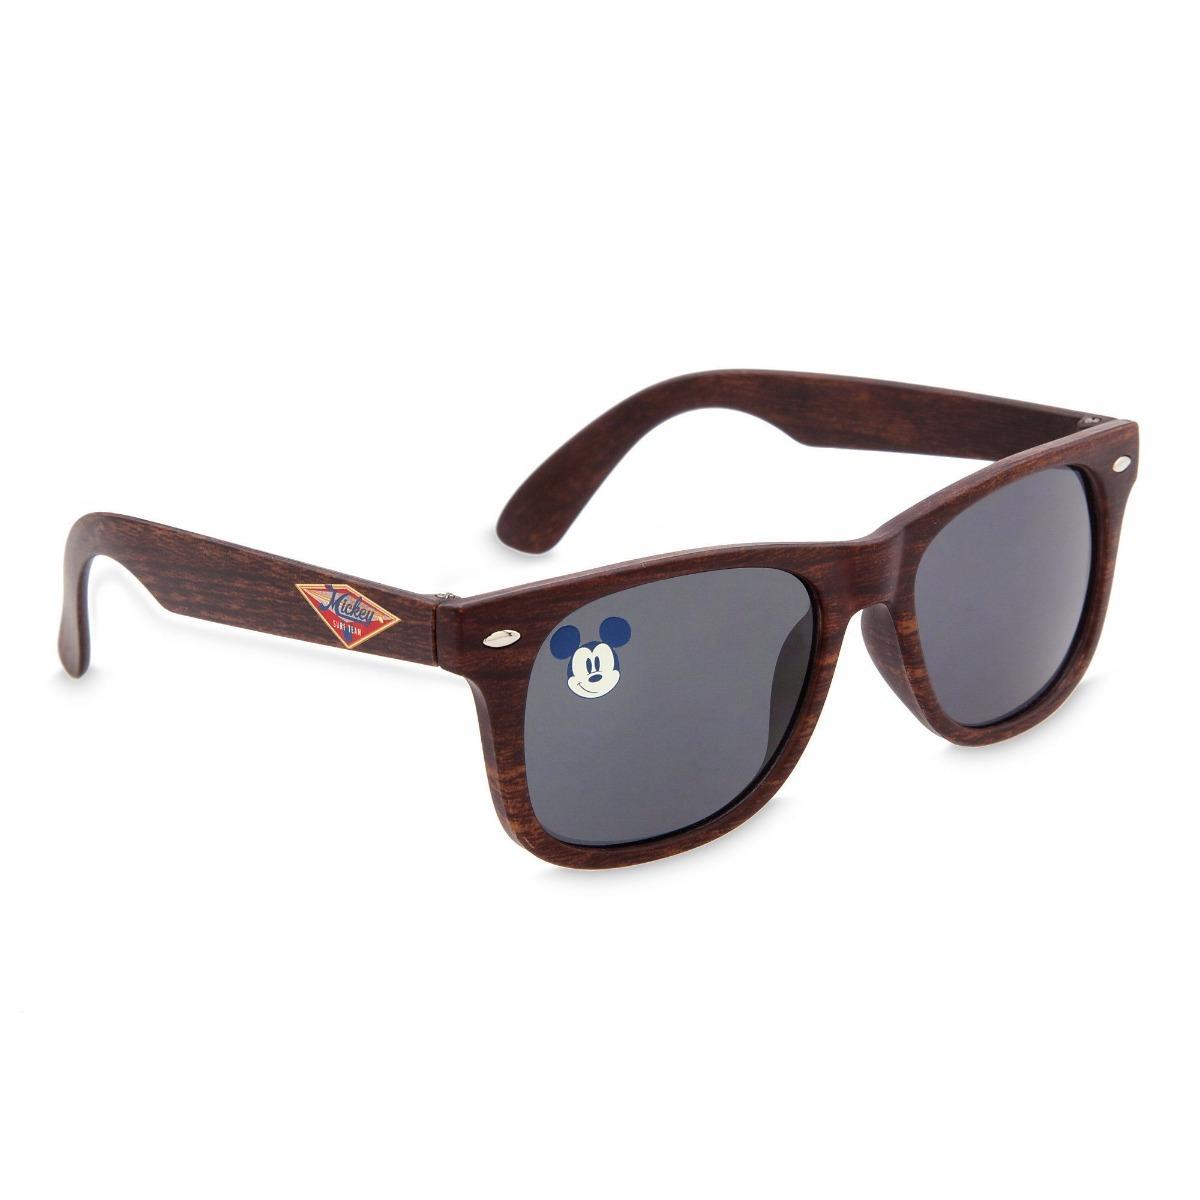 Óculos De Sol Infantil Mickey Wayfarer Disney Store - R  59,00 em ... 34f8e3d126